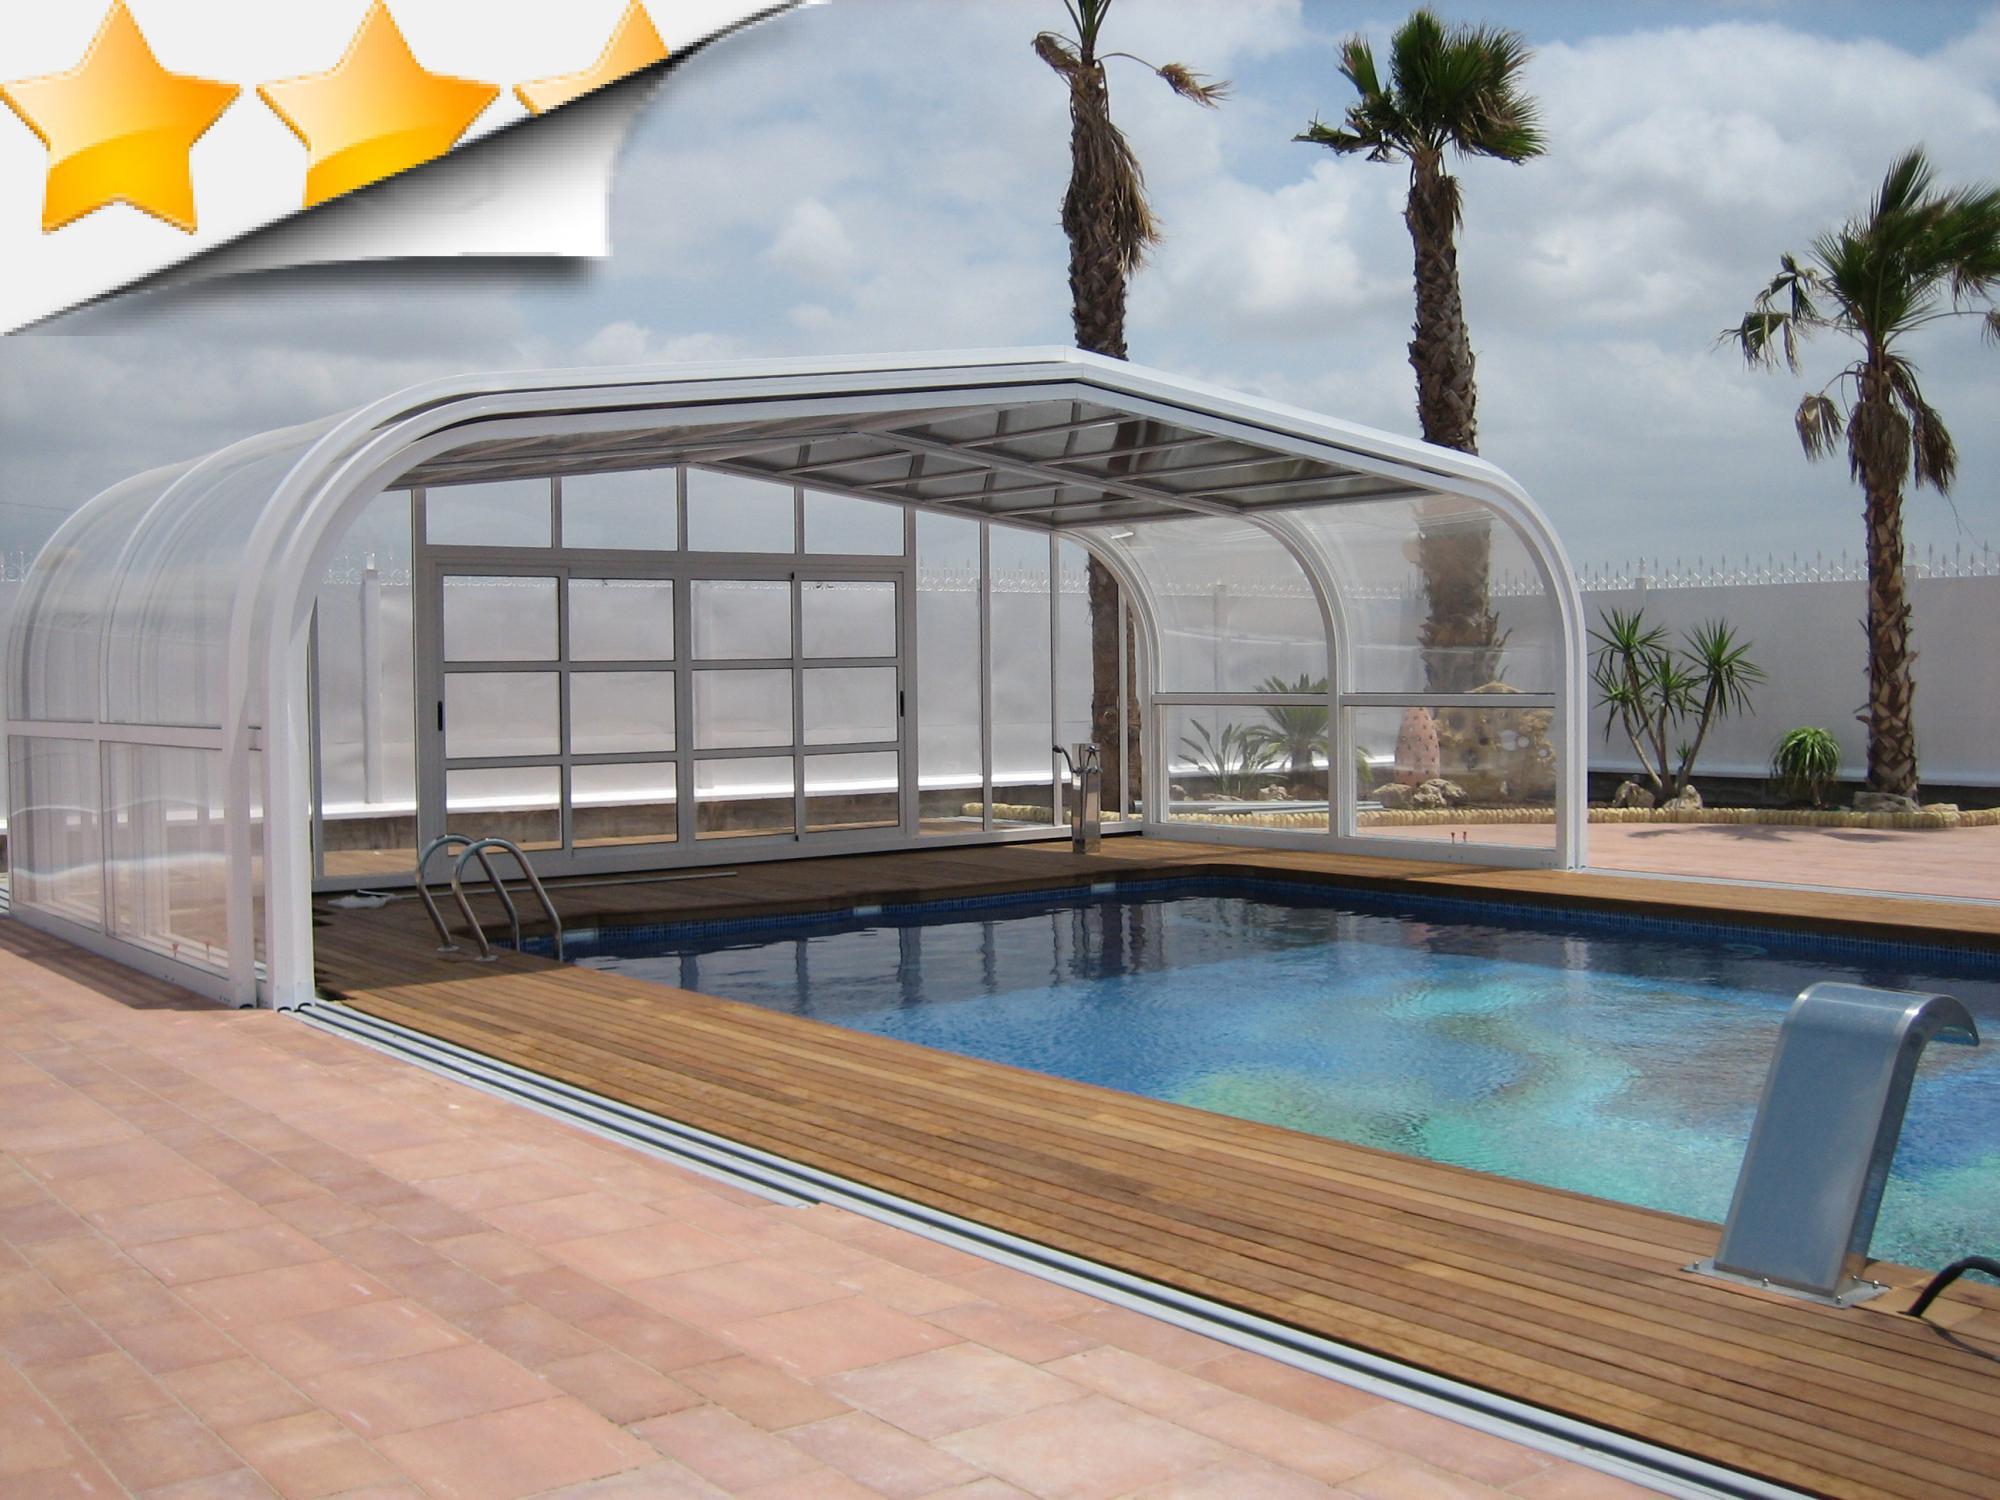 Nos abris aluminium haut apc france for Abri piscine telescopique